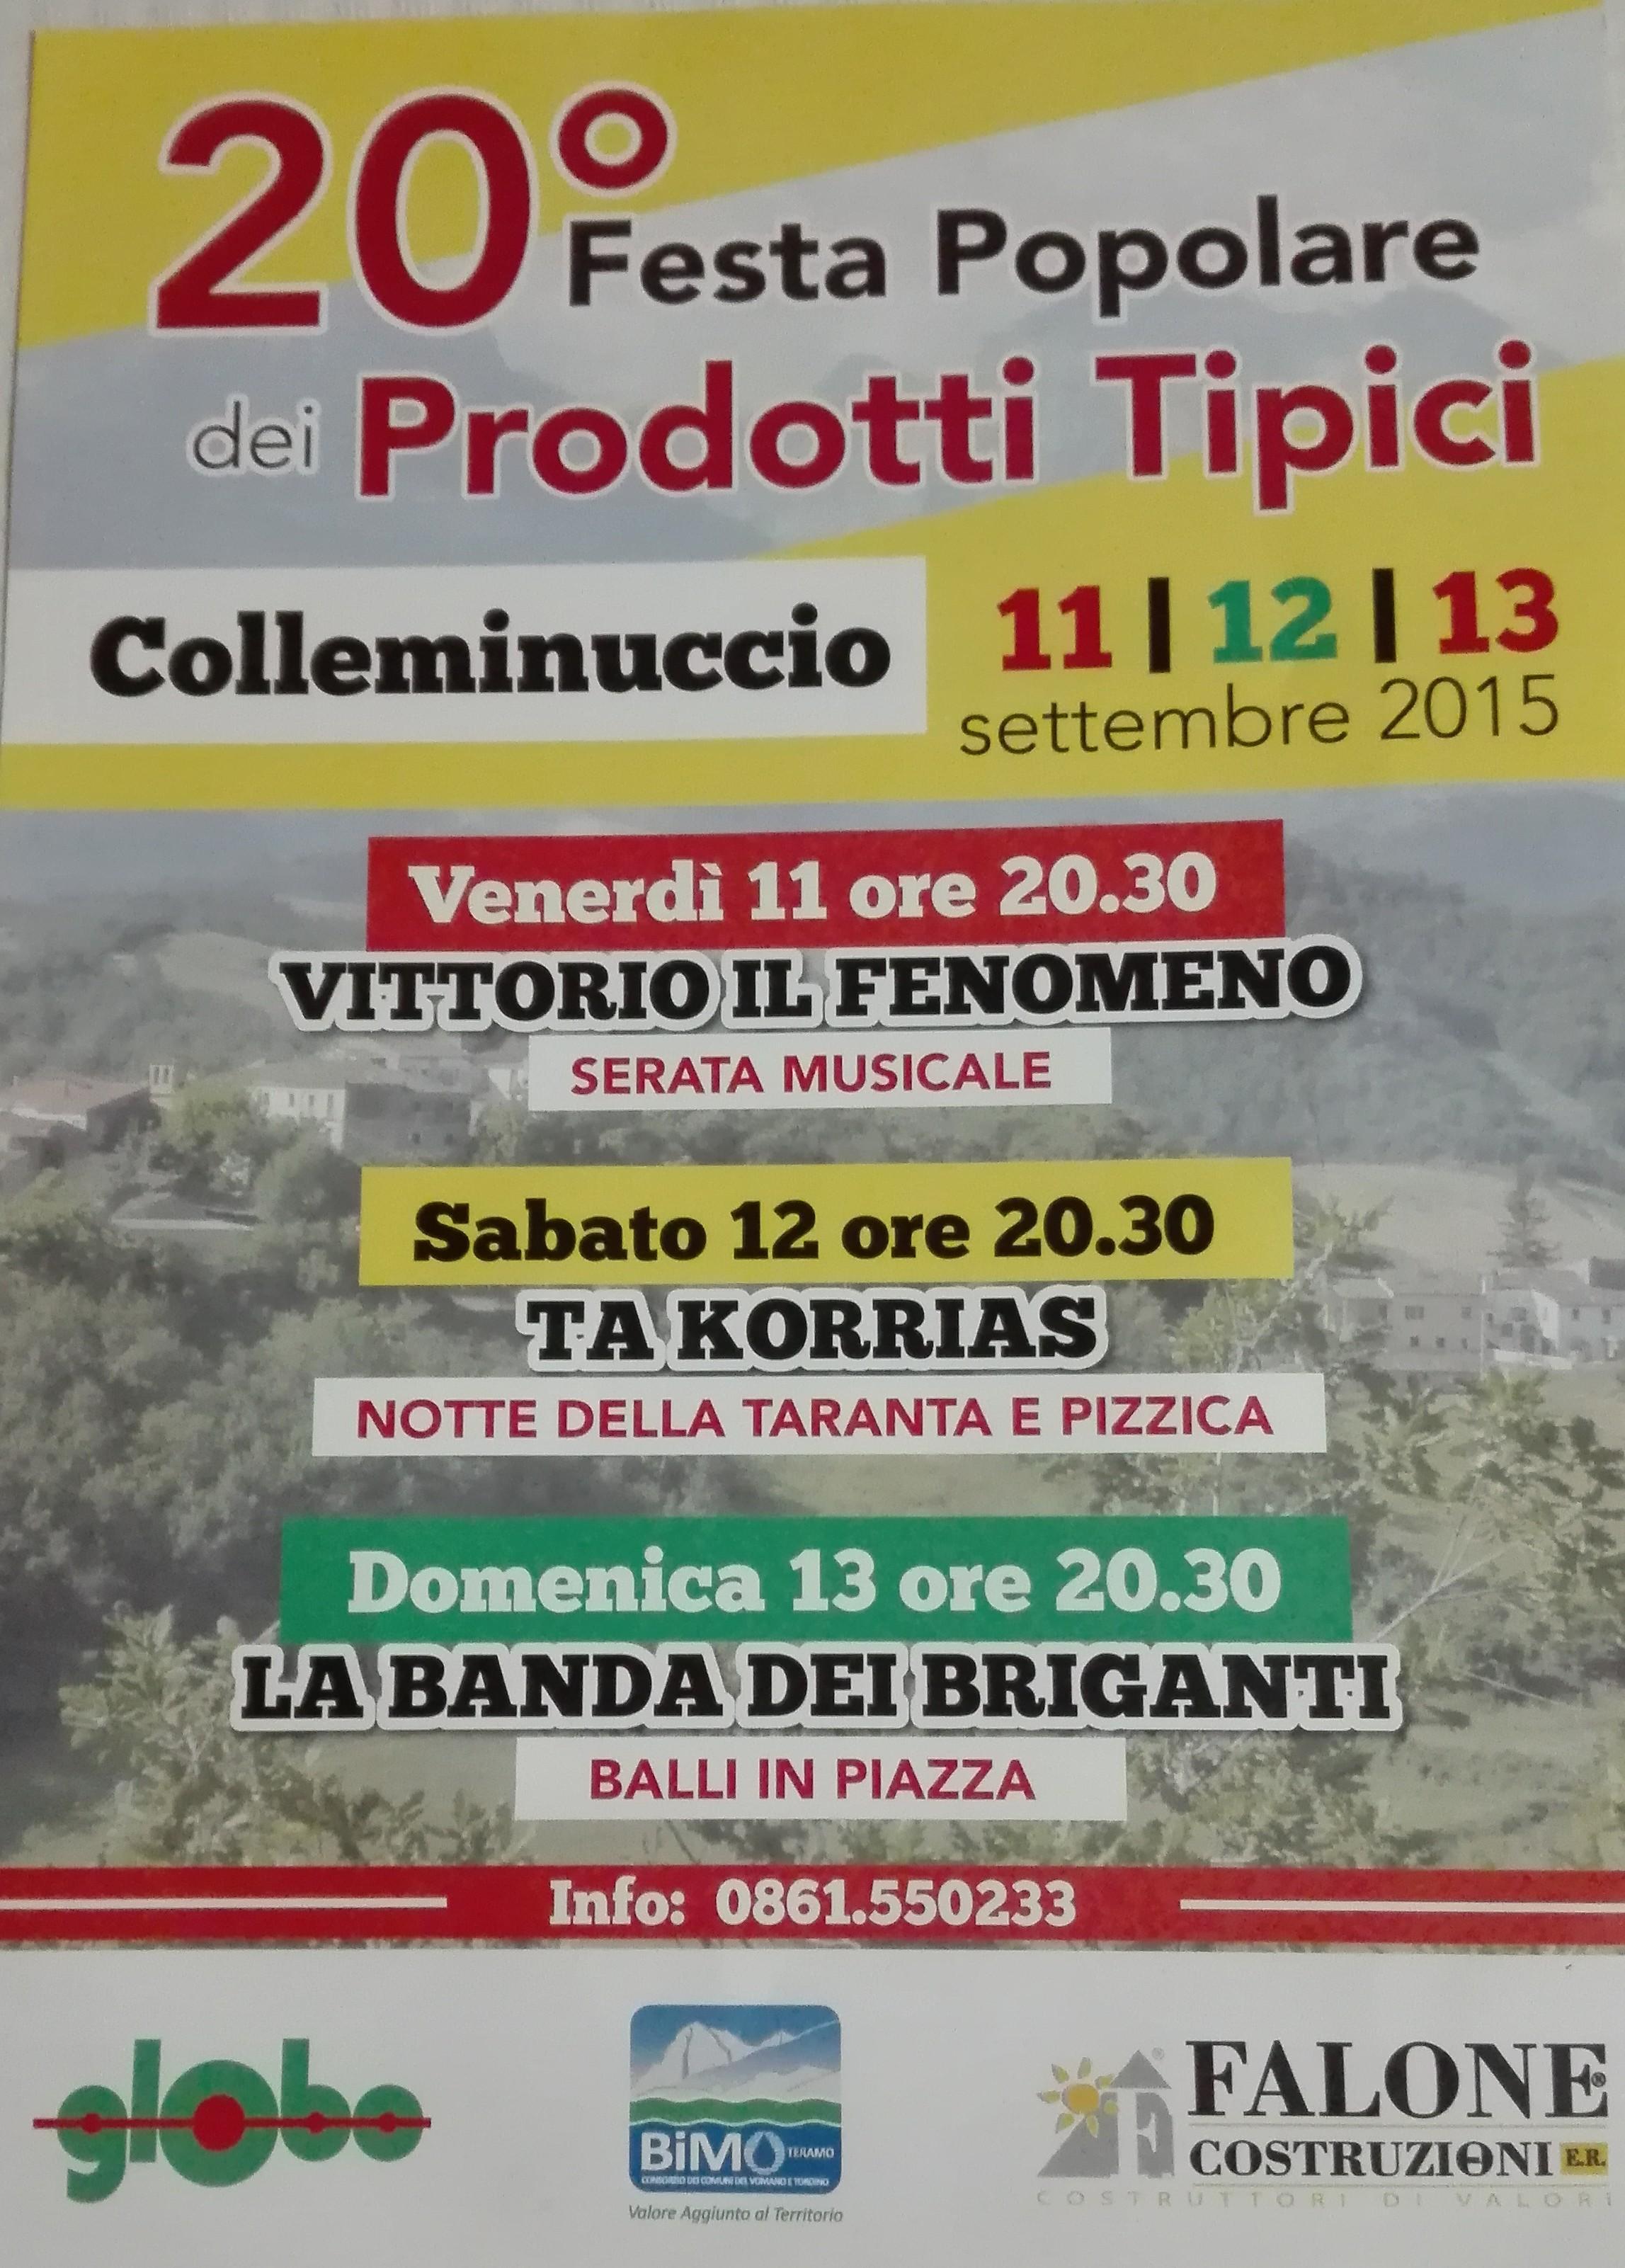 FESTA POPOLARE DEI PRODOTTI TIPICI 11-13 SETTEMBRE Colleminuccio